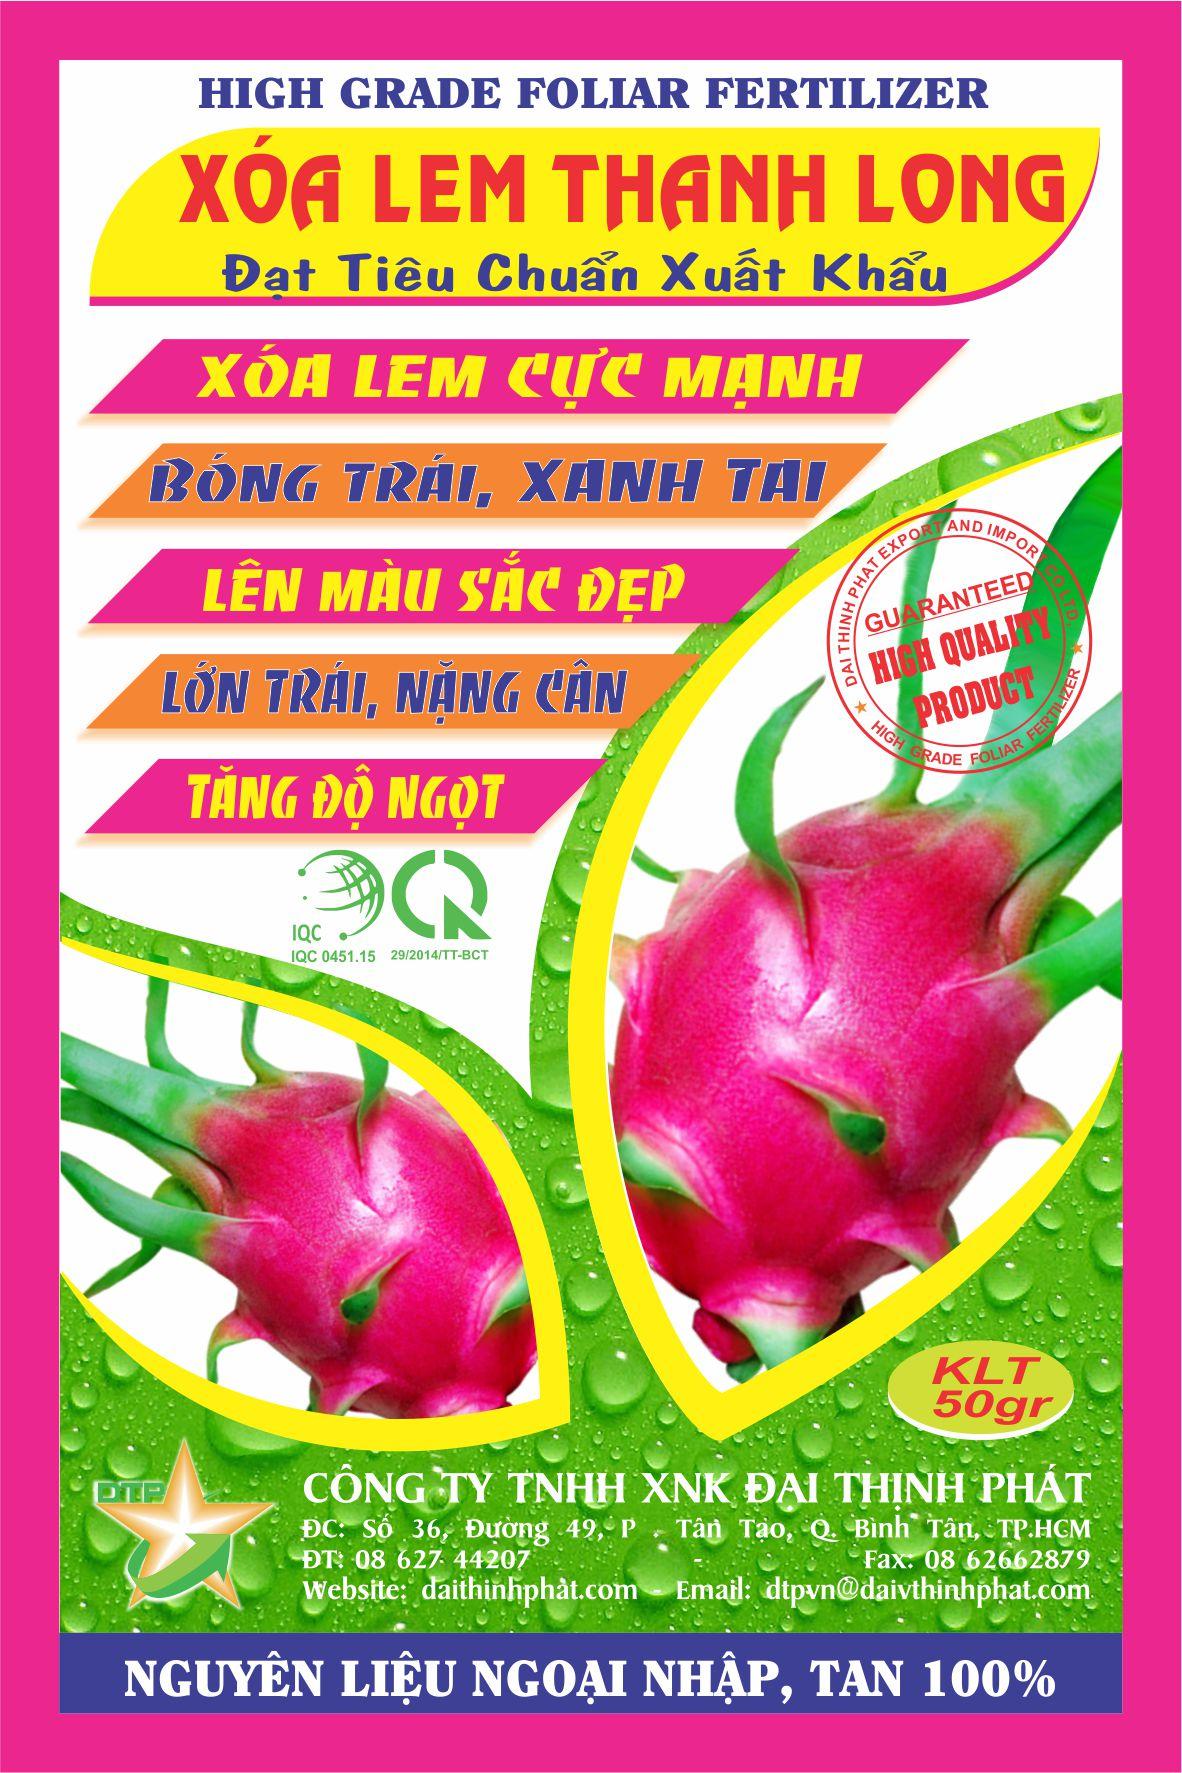 XOA LEM THANH LONG 1